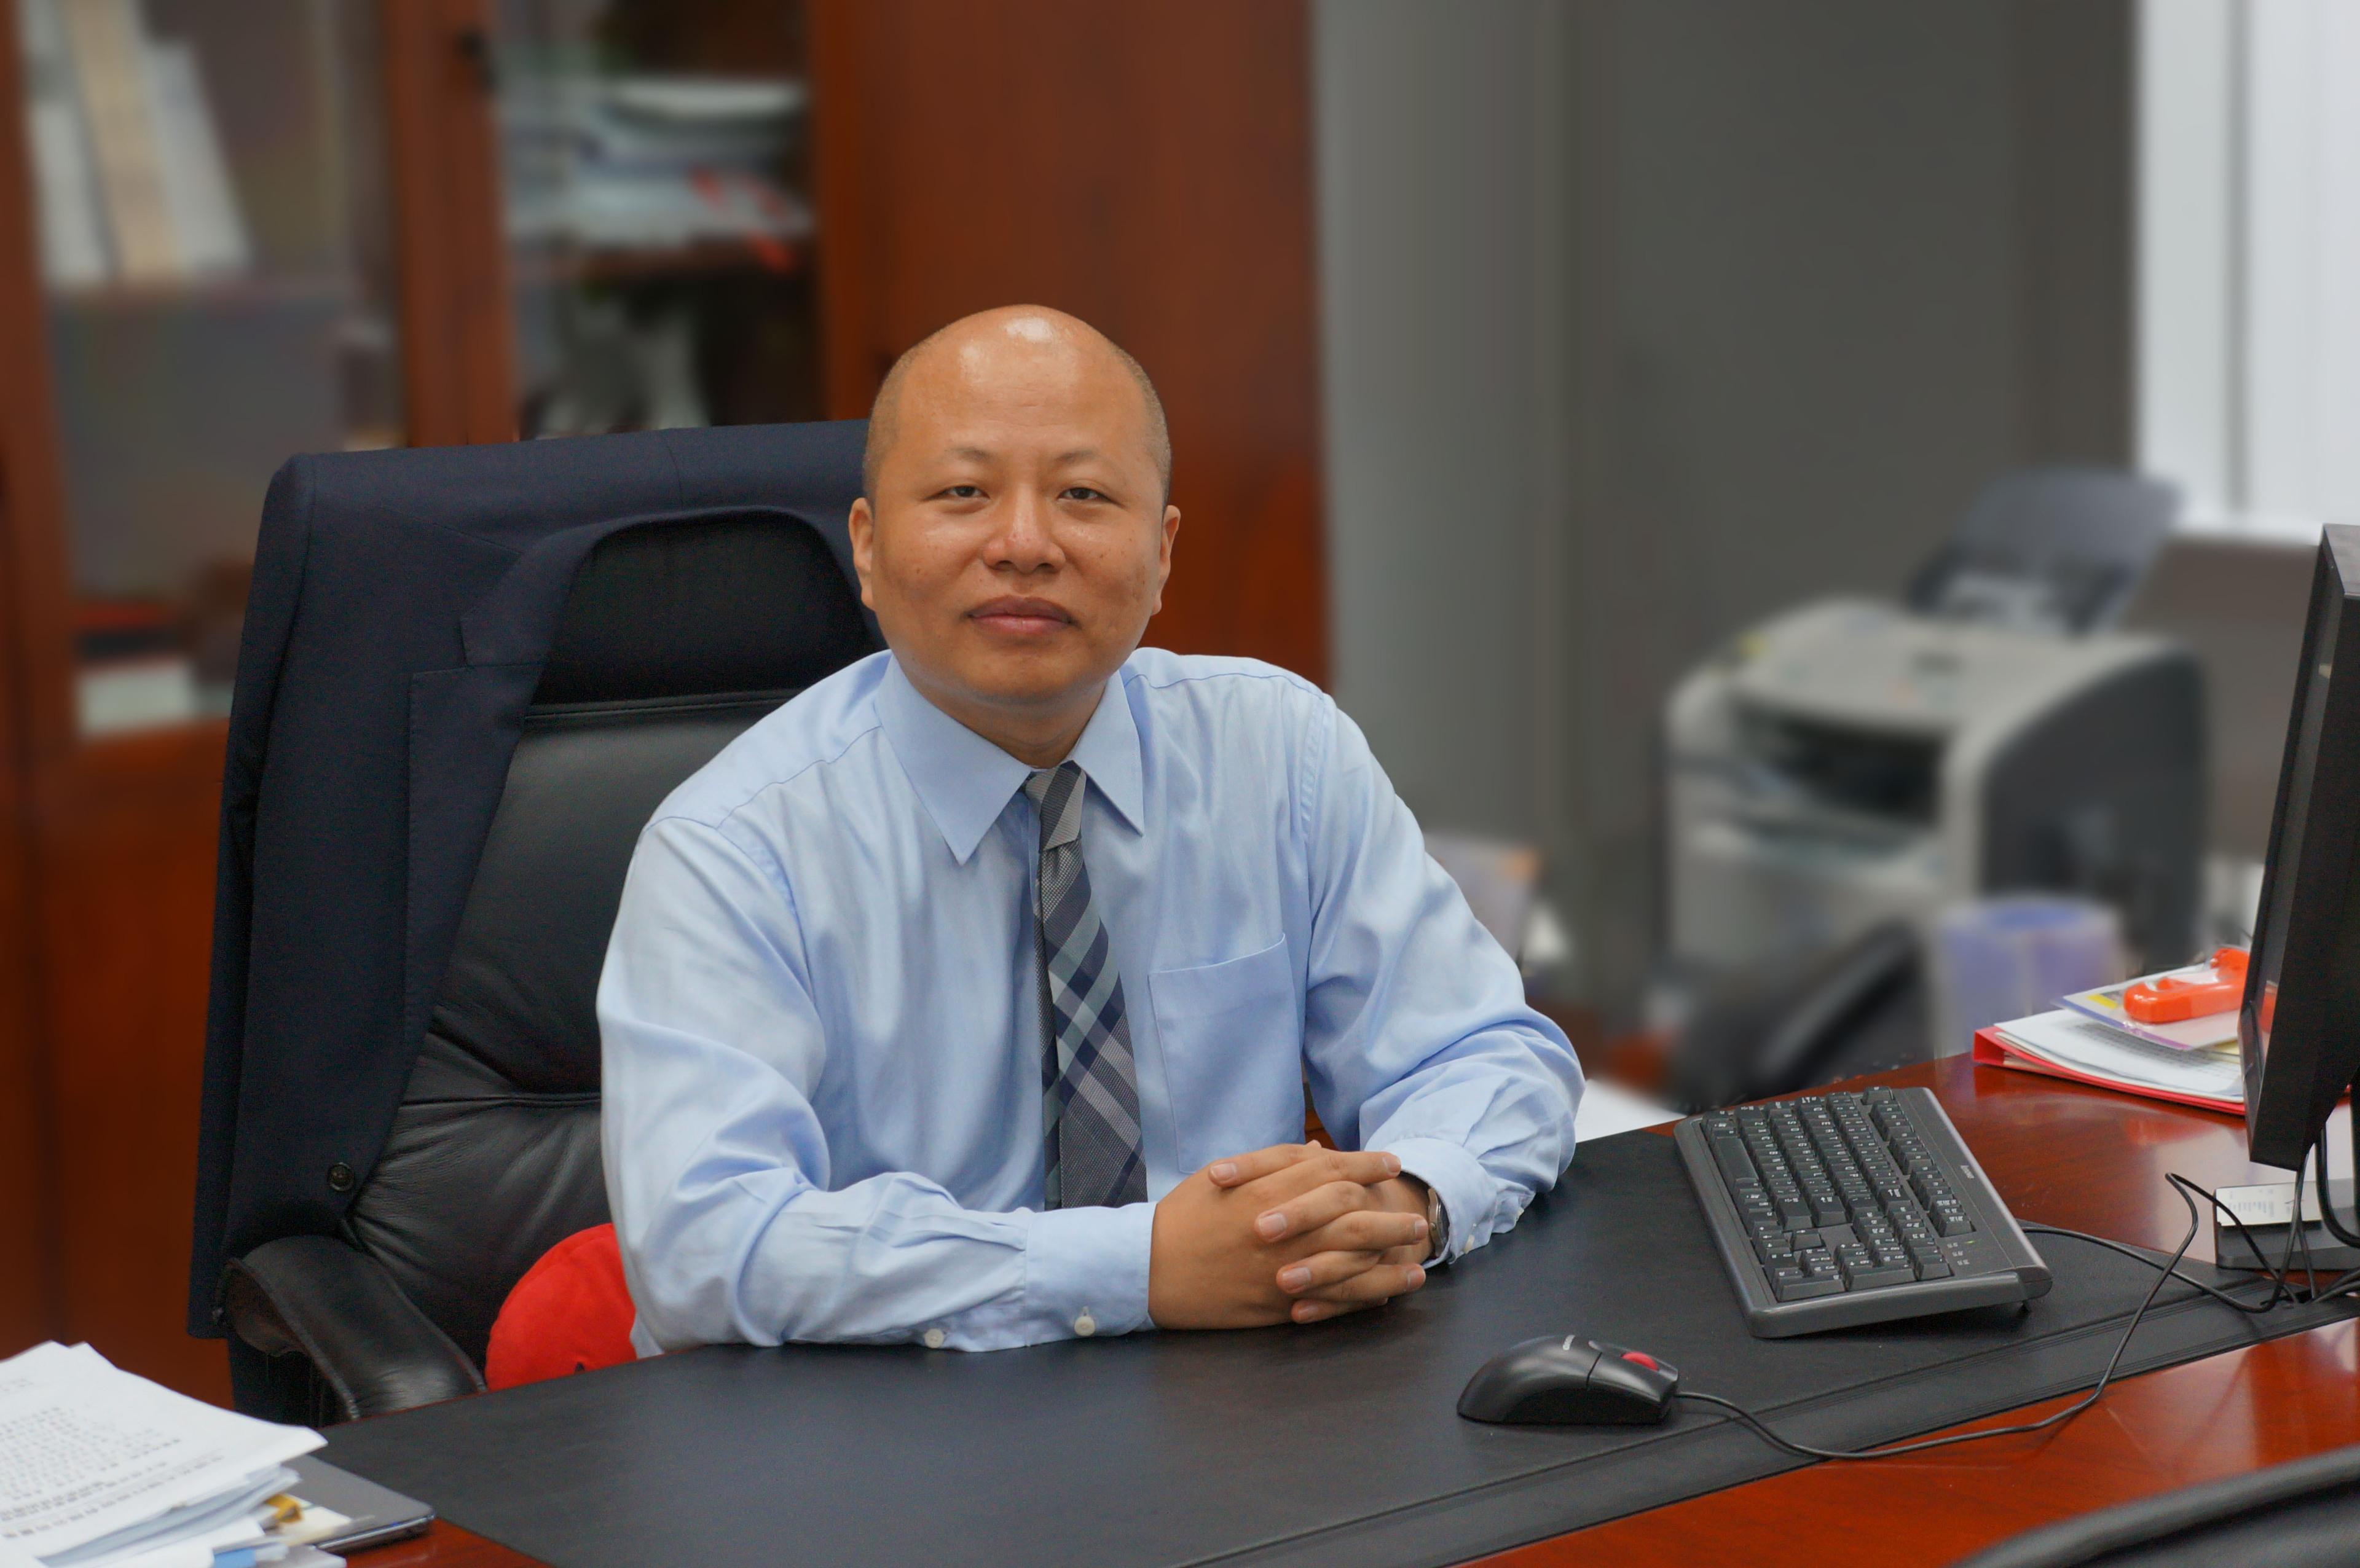 光大银行首席业务总监兼数字金融部总经理杨兵兵 图片来源:受访者供图